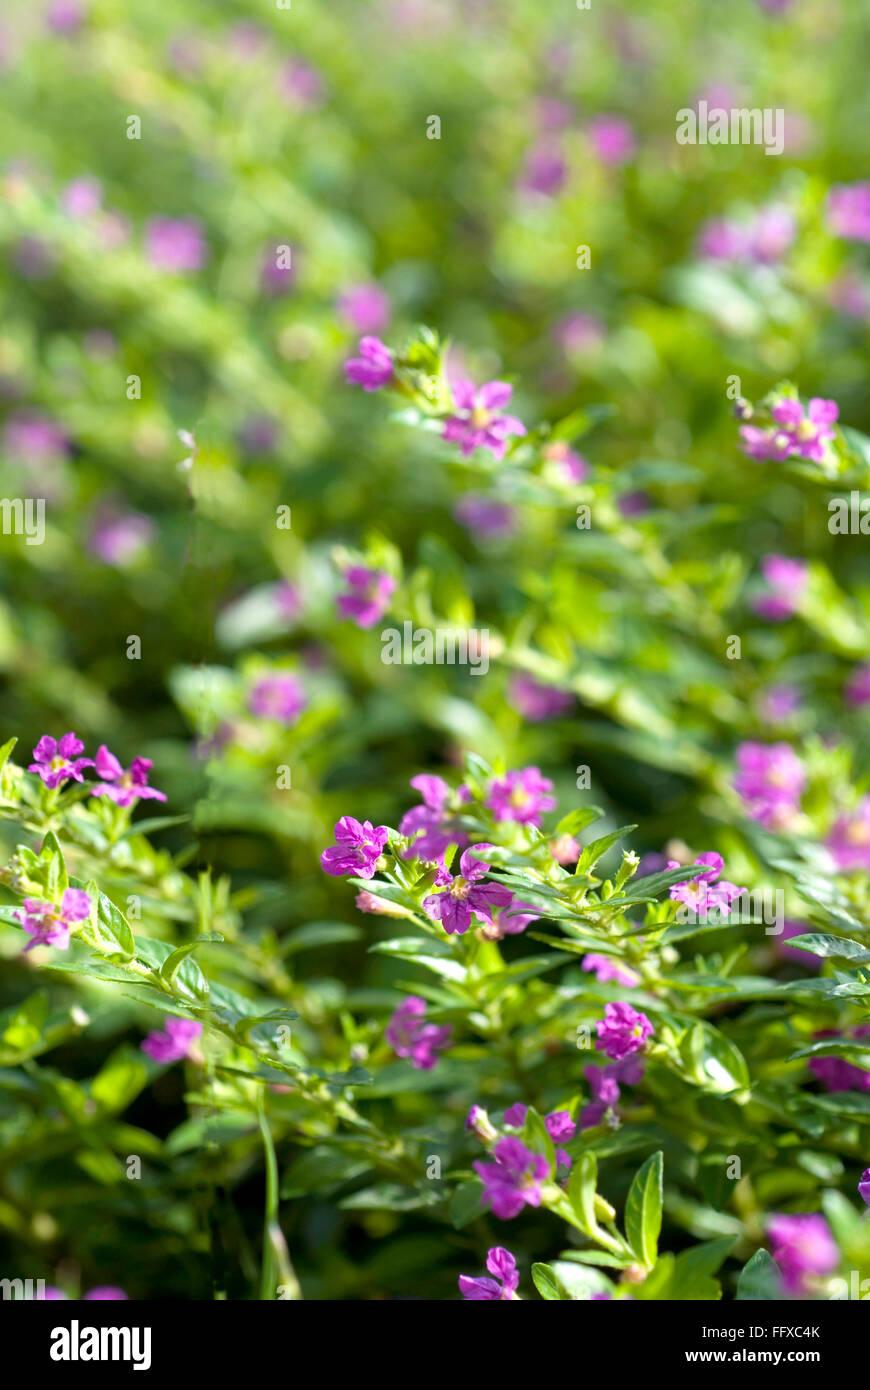 Piante Da Siepi Immagini pianta da siepe immagini & pianta da siepe fotos stock - alamy